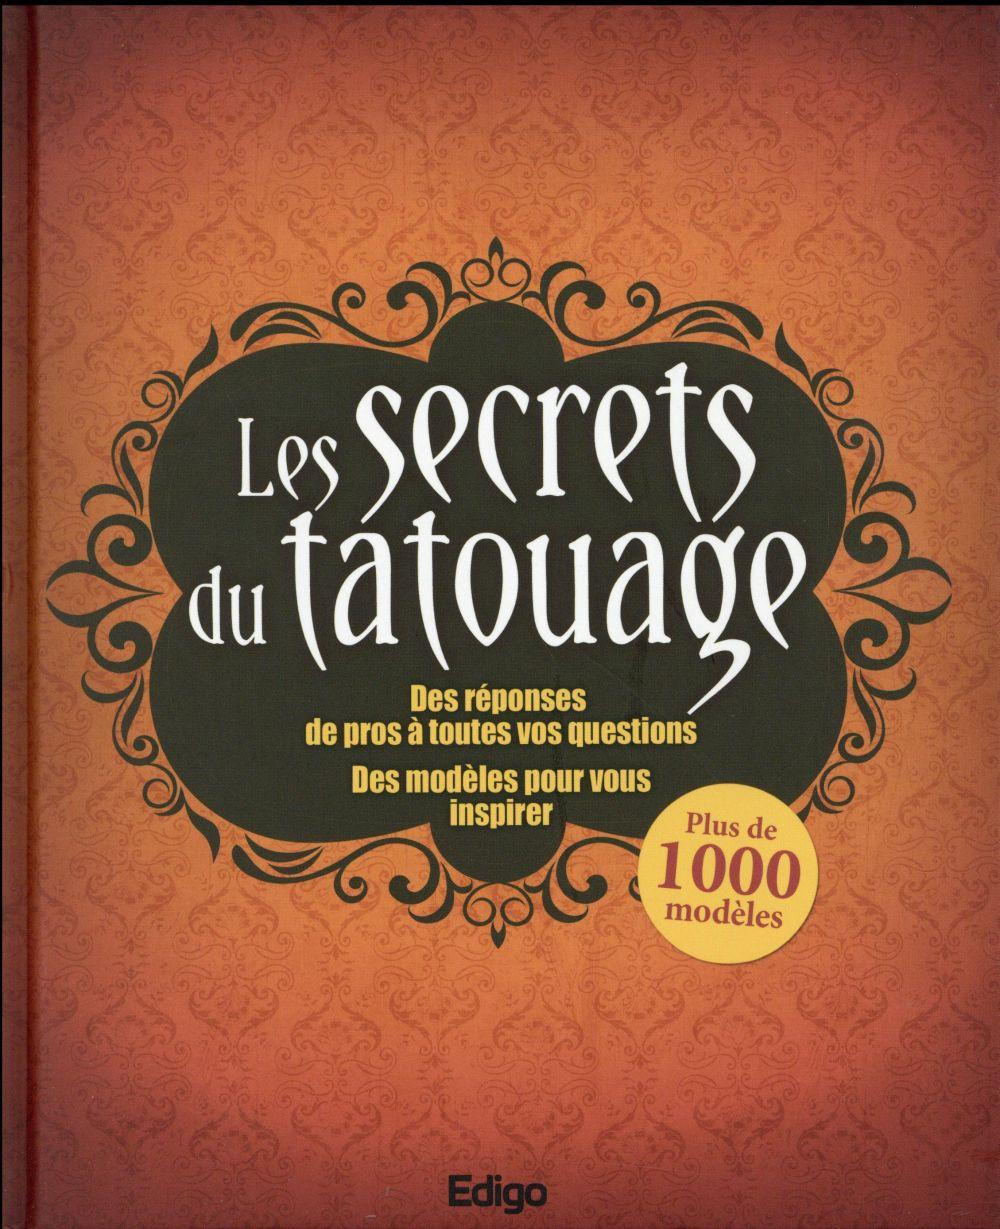 Les secrets du tatouage ; des réponses de pros à toutes vos questions ; des modèles pour vous inspirer